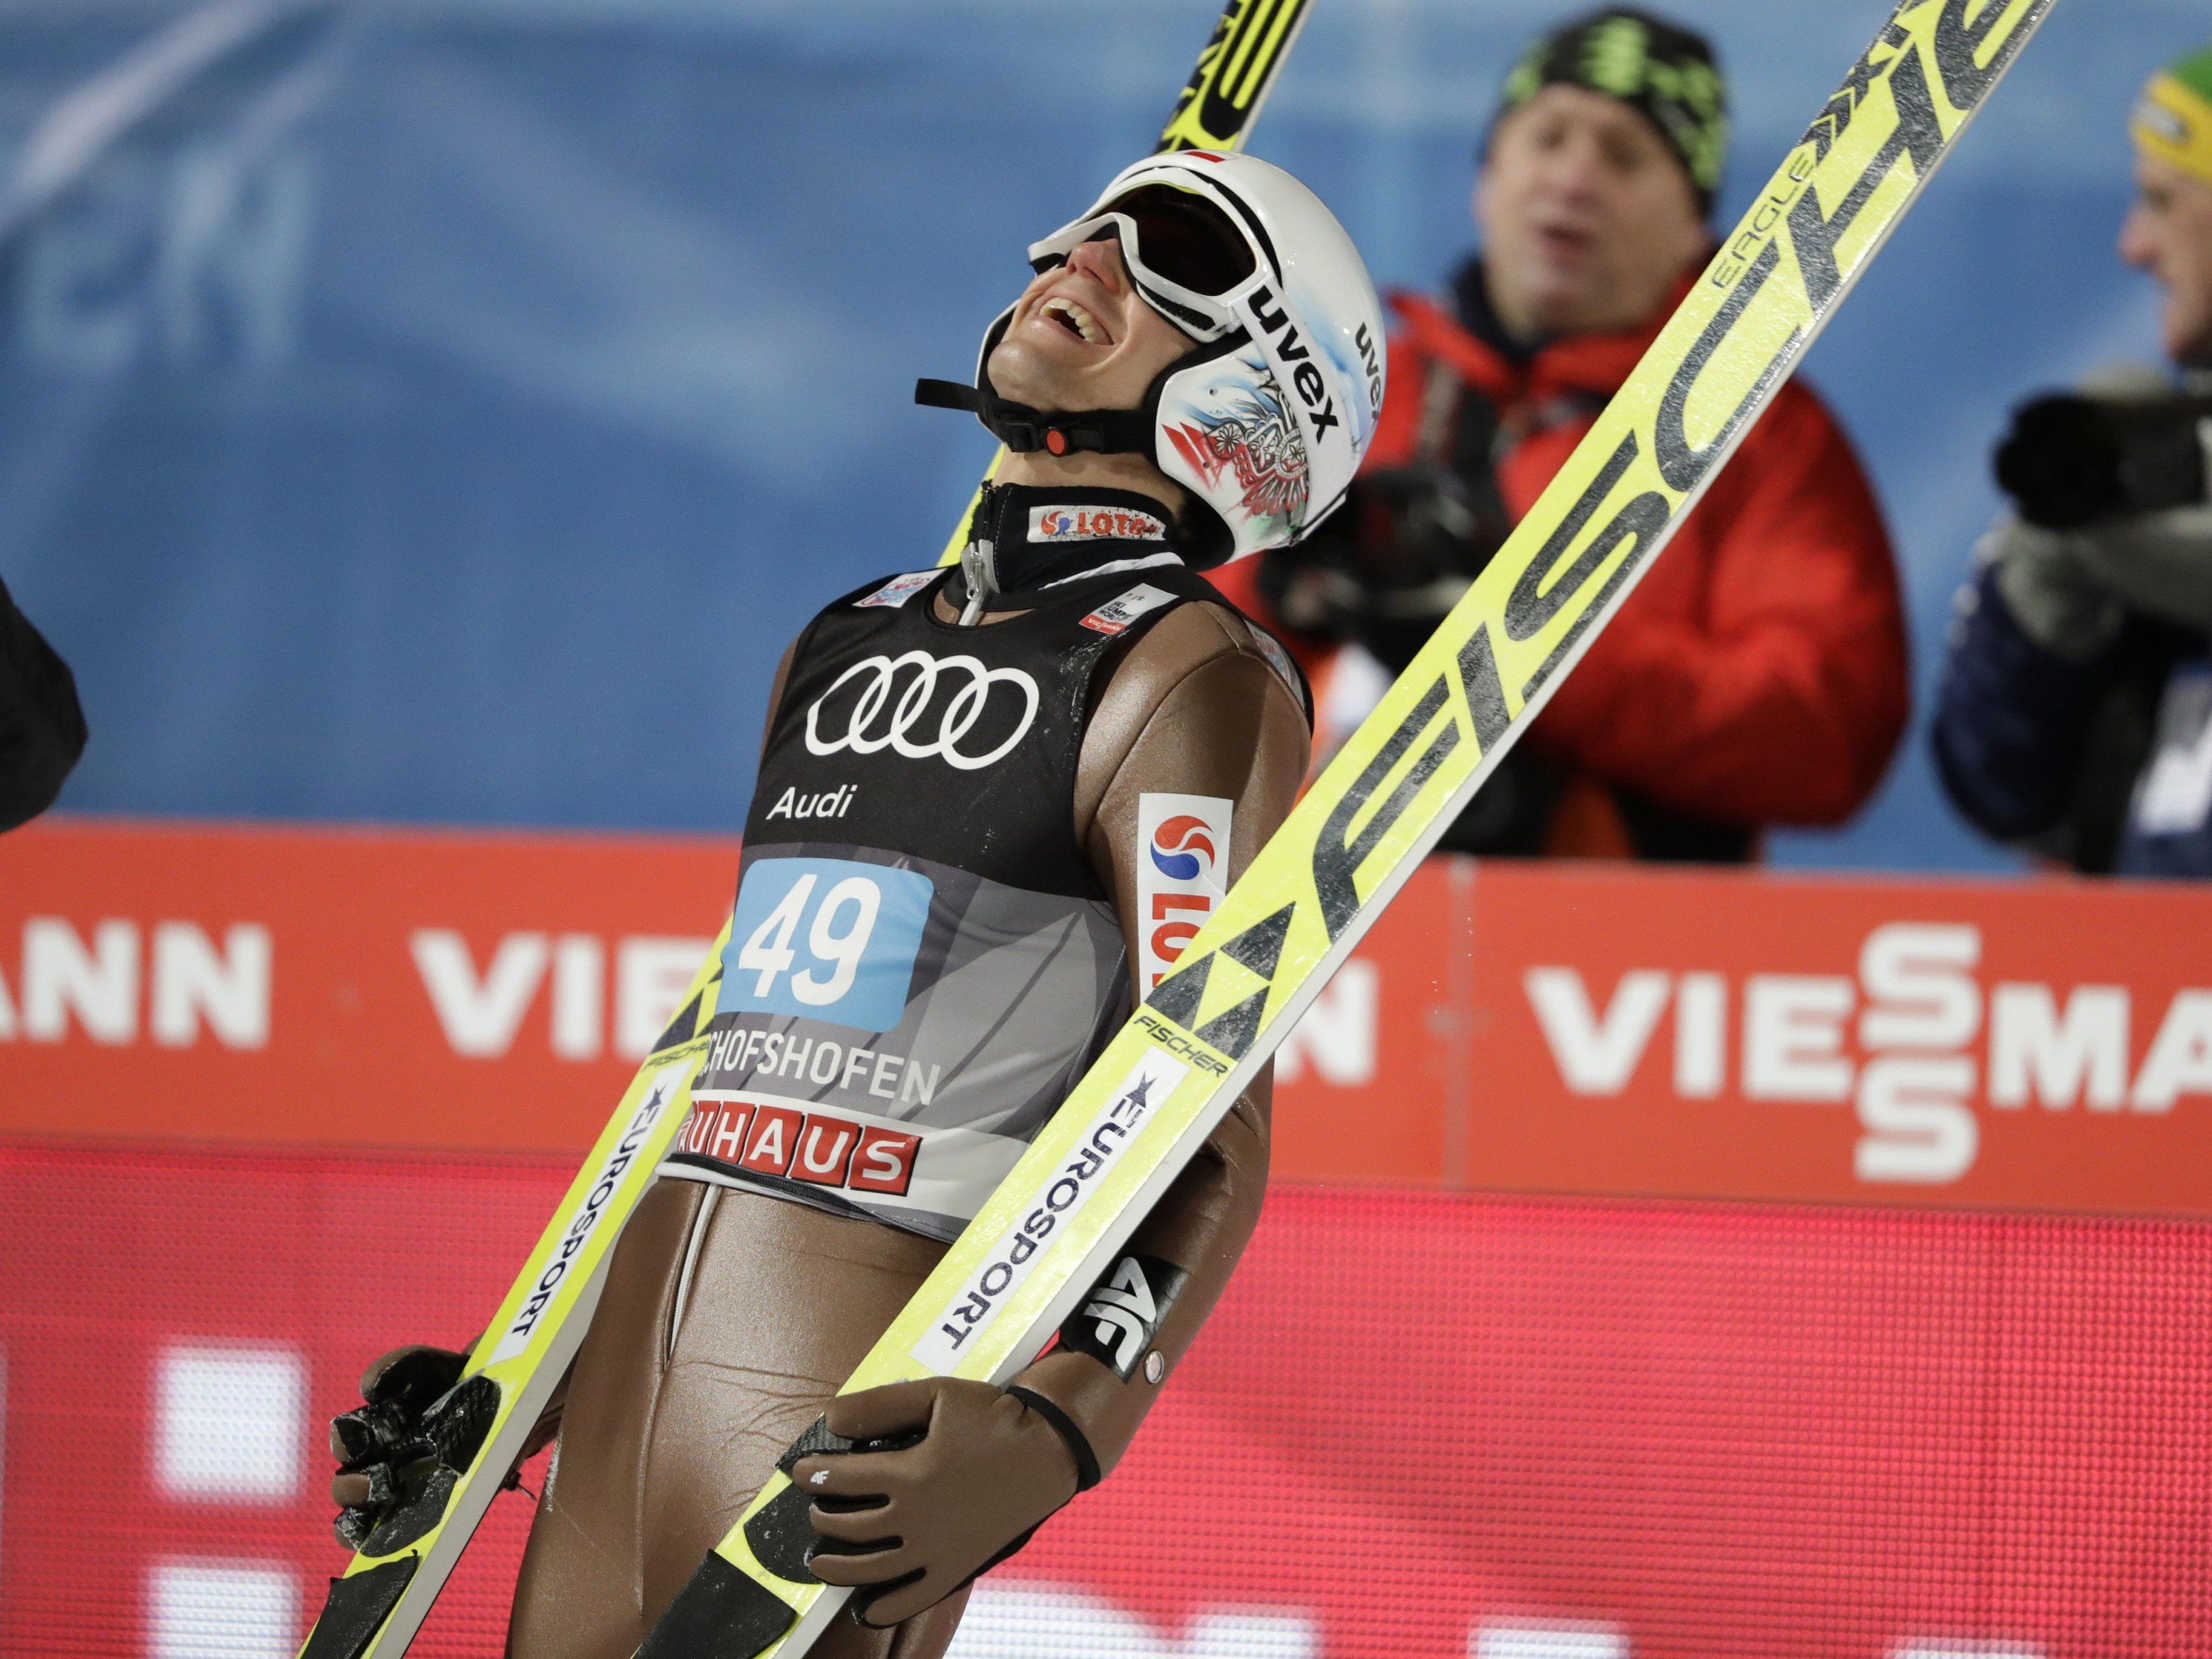 Kamil Stoch krönte sich zum Tournee-Gesamtsieger.